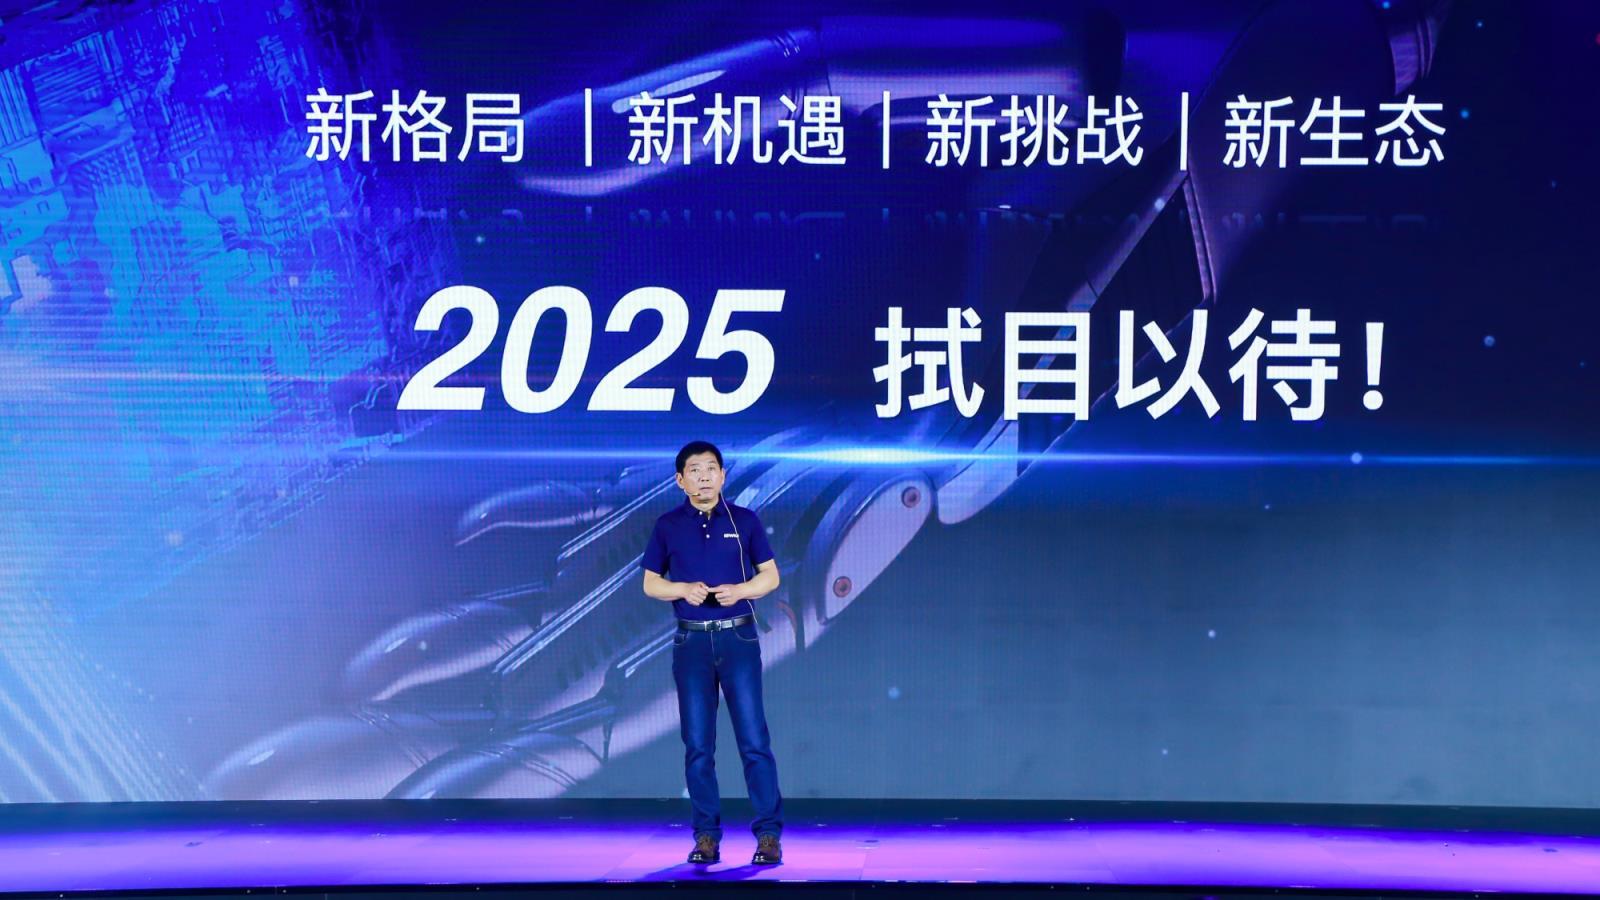 2025拭目以待.jpg